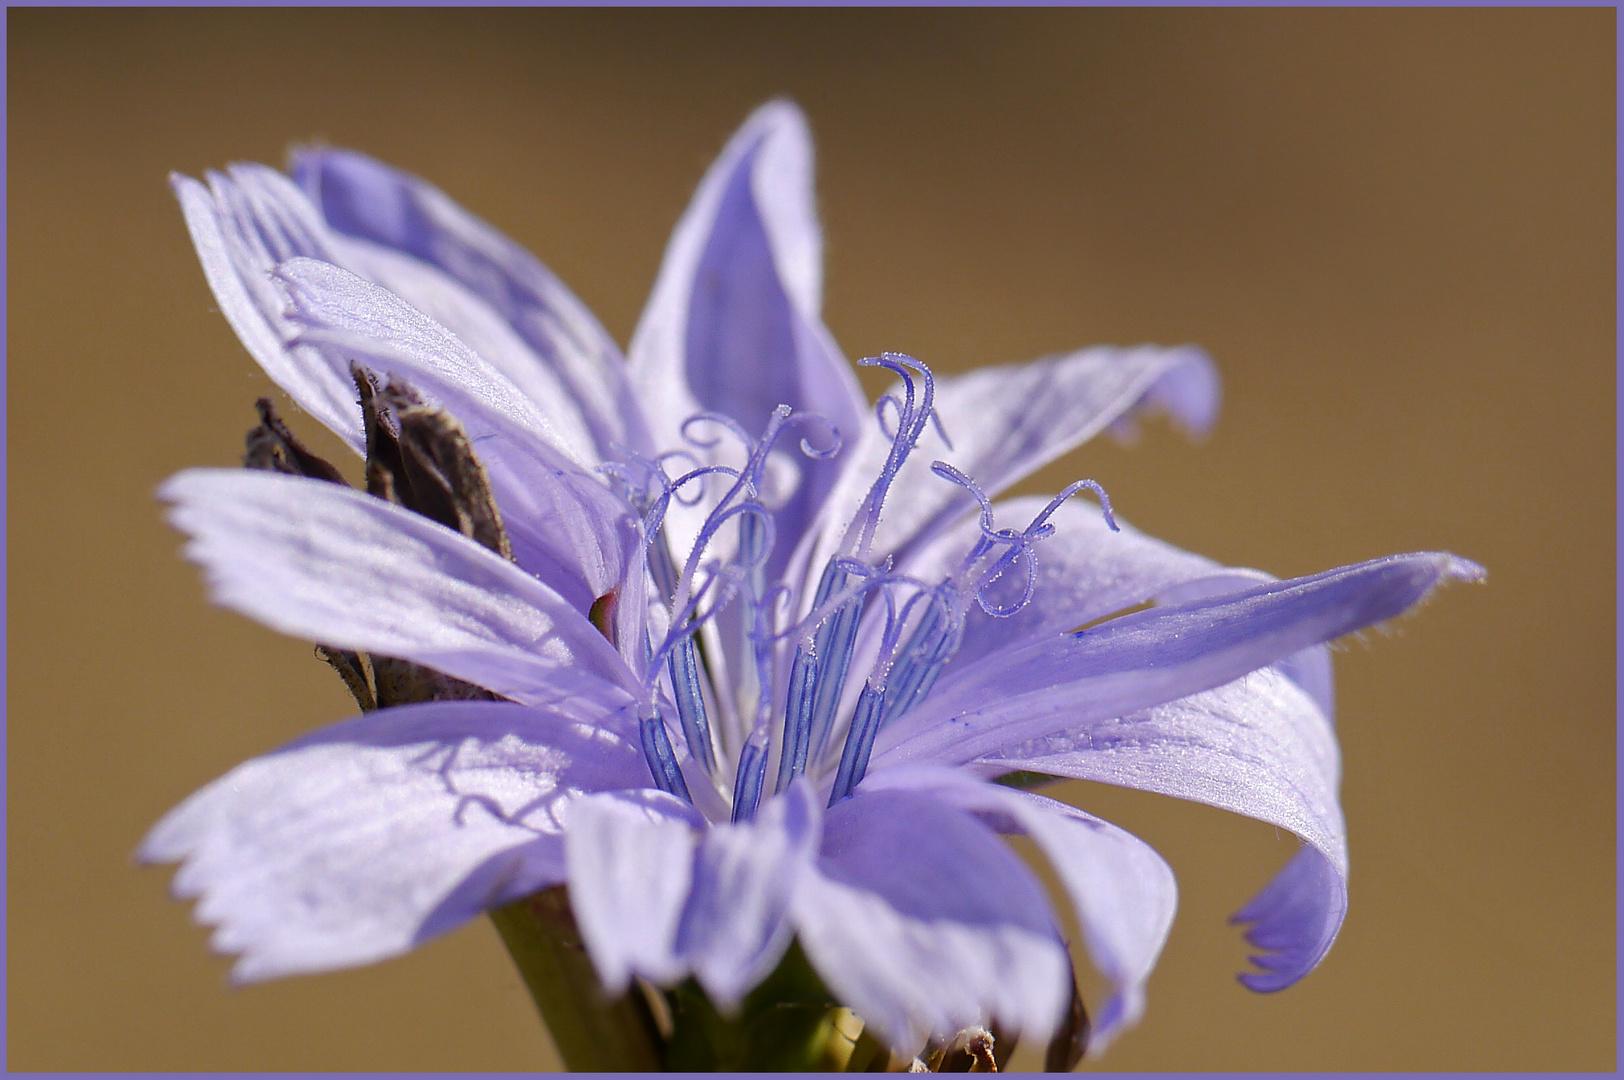 keine Kornblume, aber vollkommene Schönheit